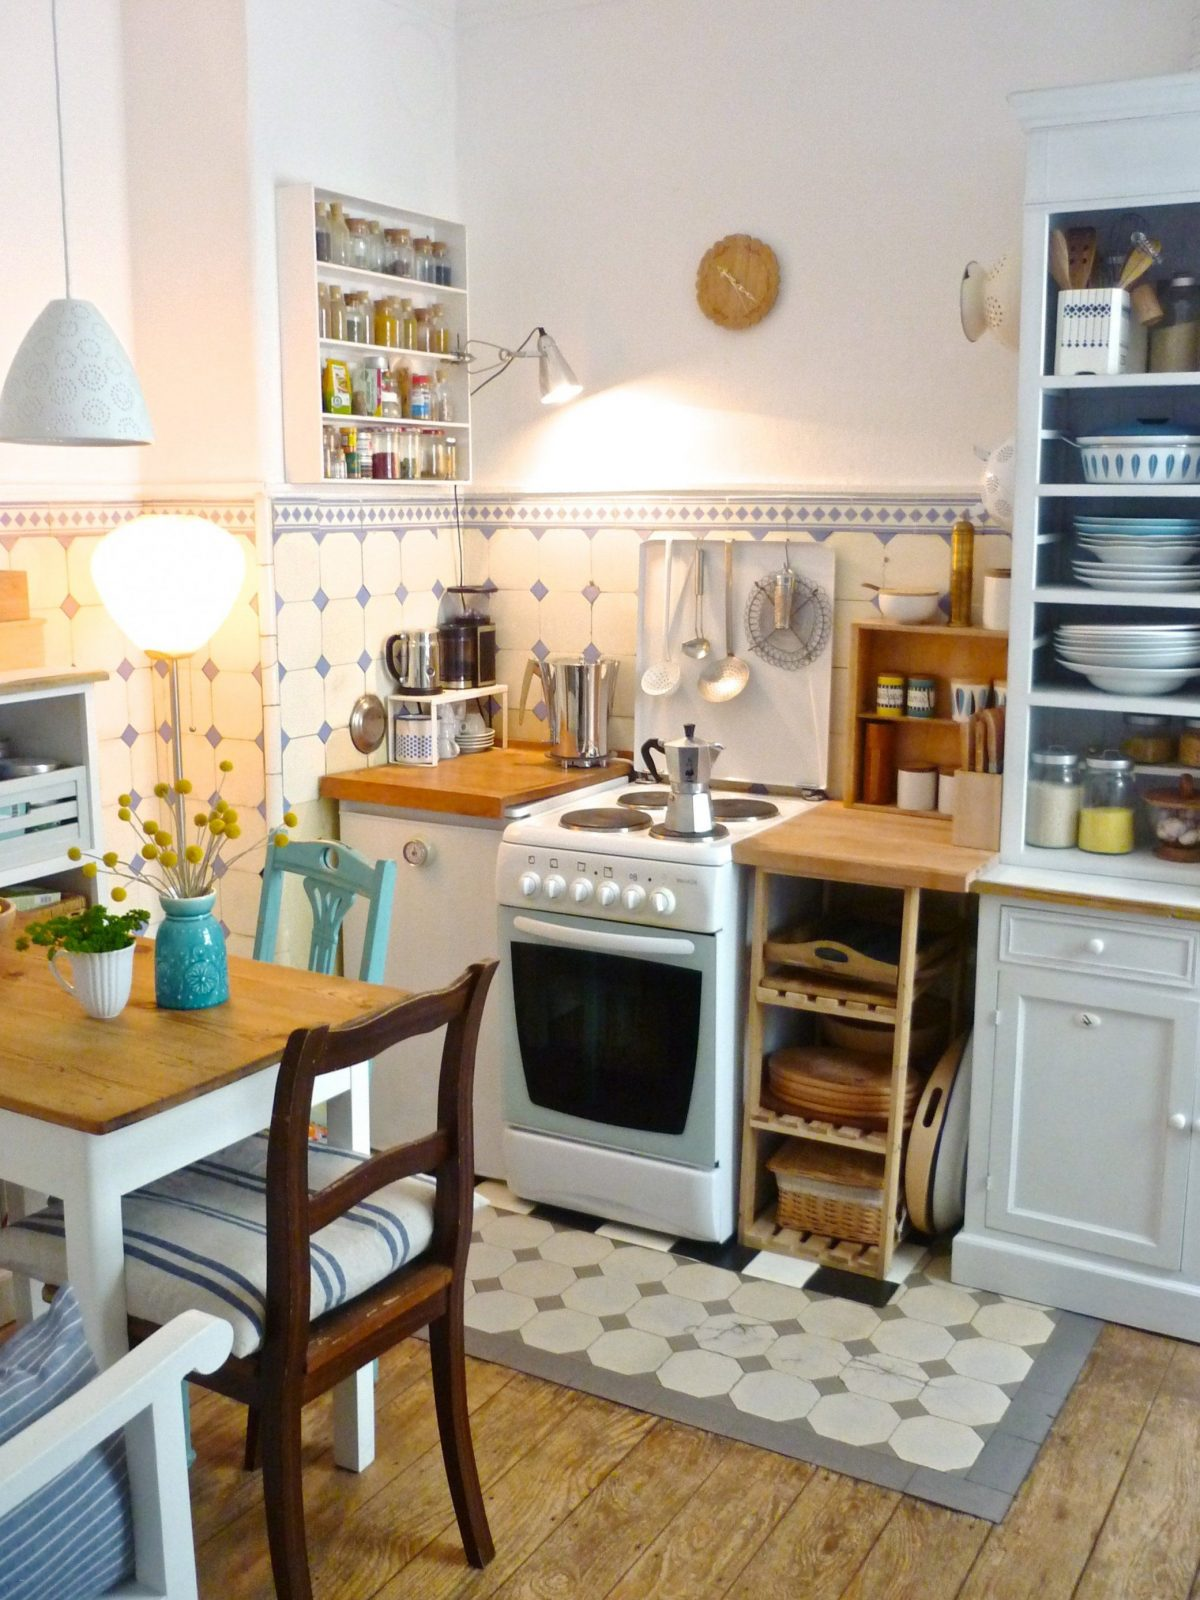 Schmale Küche Einrichten Best Of Kleine Küche Mit Essplatz Wm04 von Schmale Küche Mit Essplatz Bild